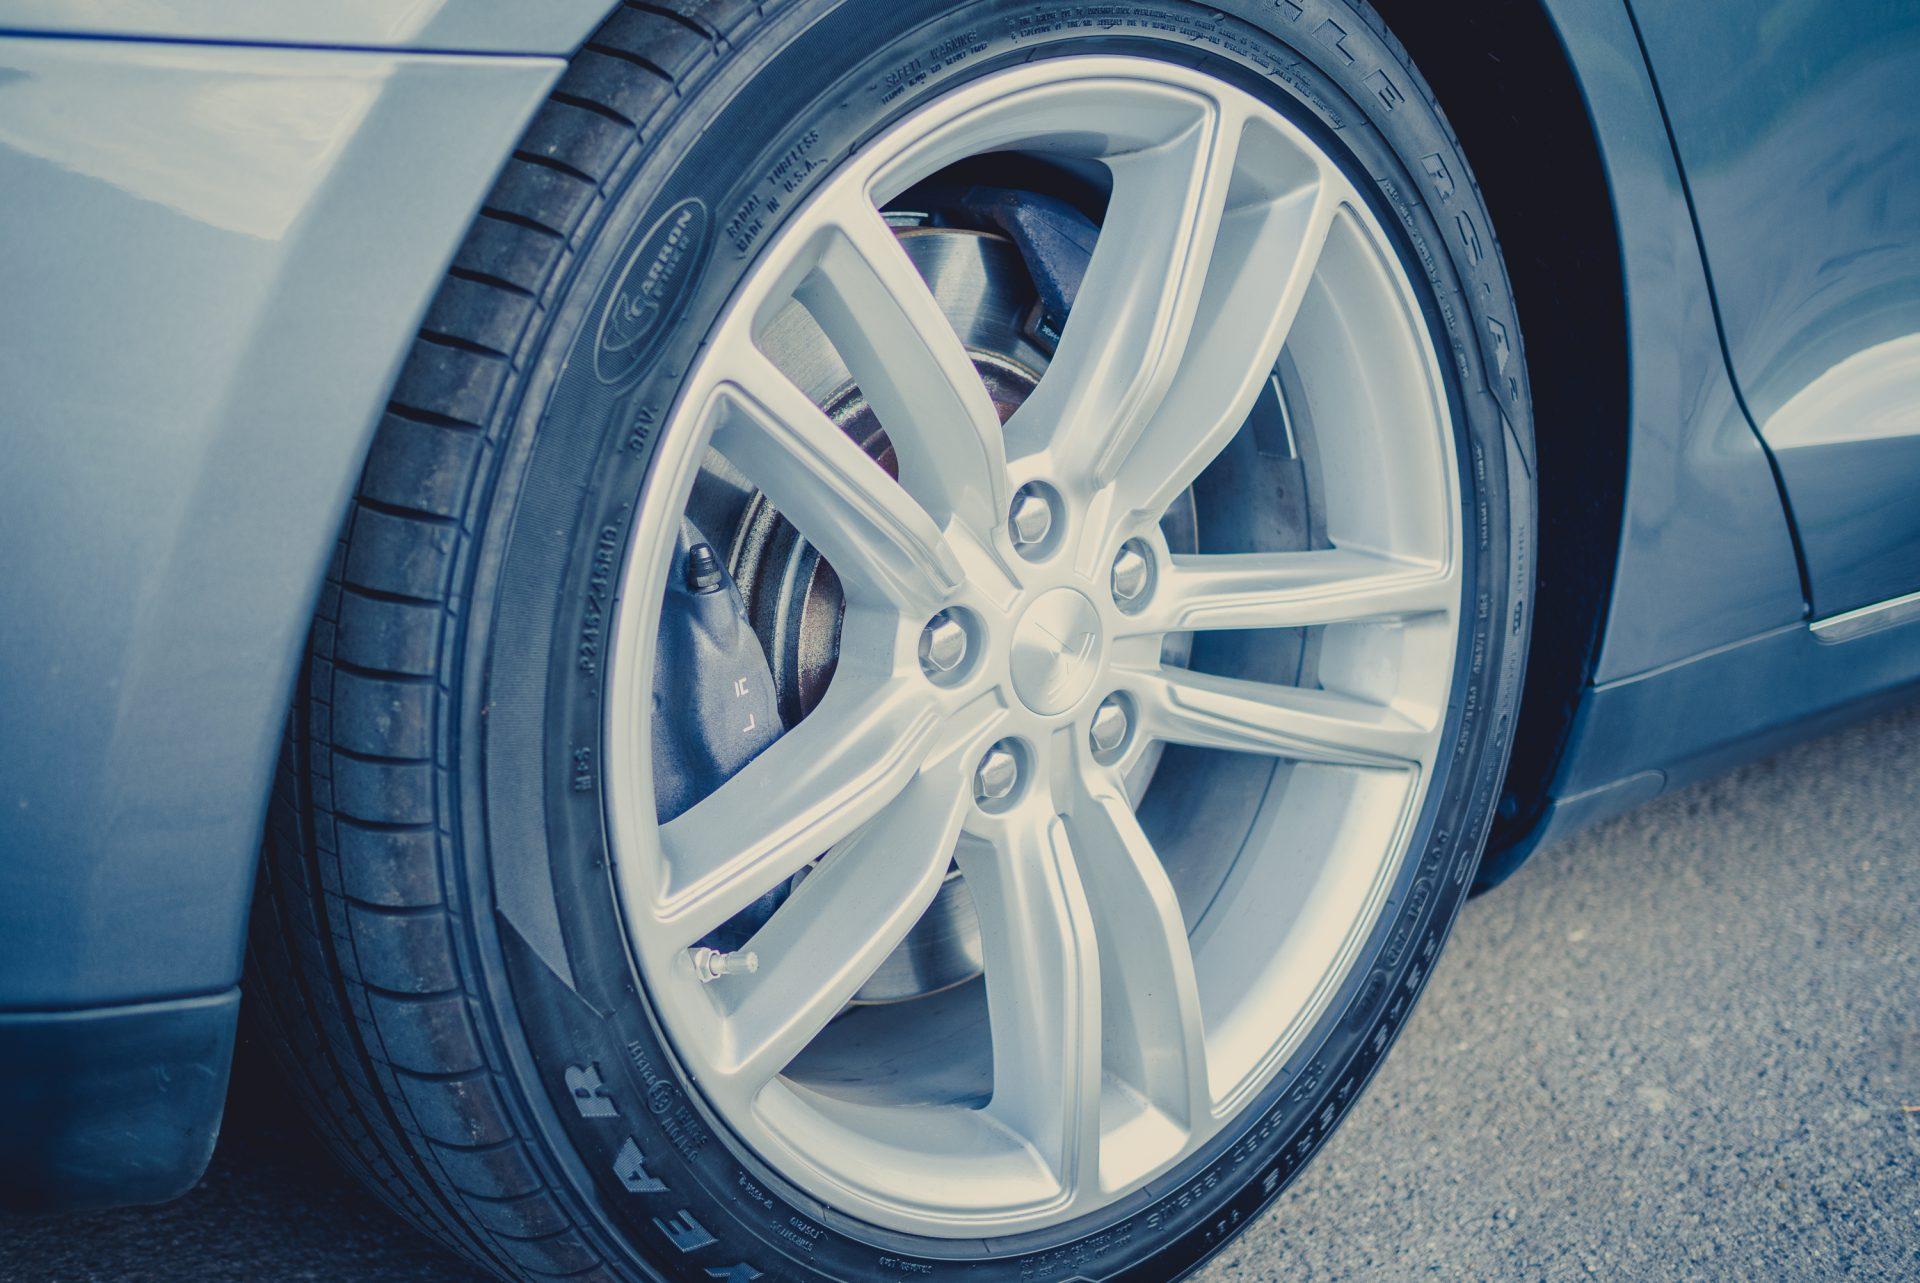 Tesla Model S85 metrallic grau Räder Winterräder Komplettrad Kompletträder Rad Felge Reifen Detail greenspeed emobility Fahrzeug E-Auto Elektroauto Deutschland gebraucht kaufen